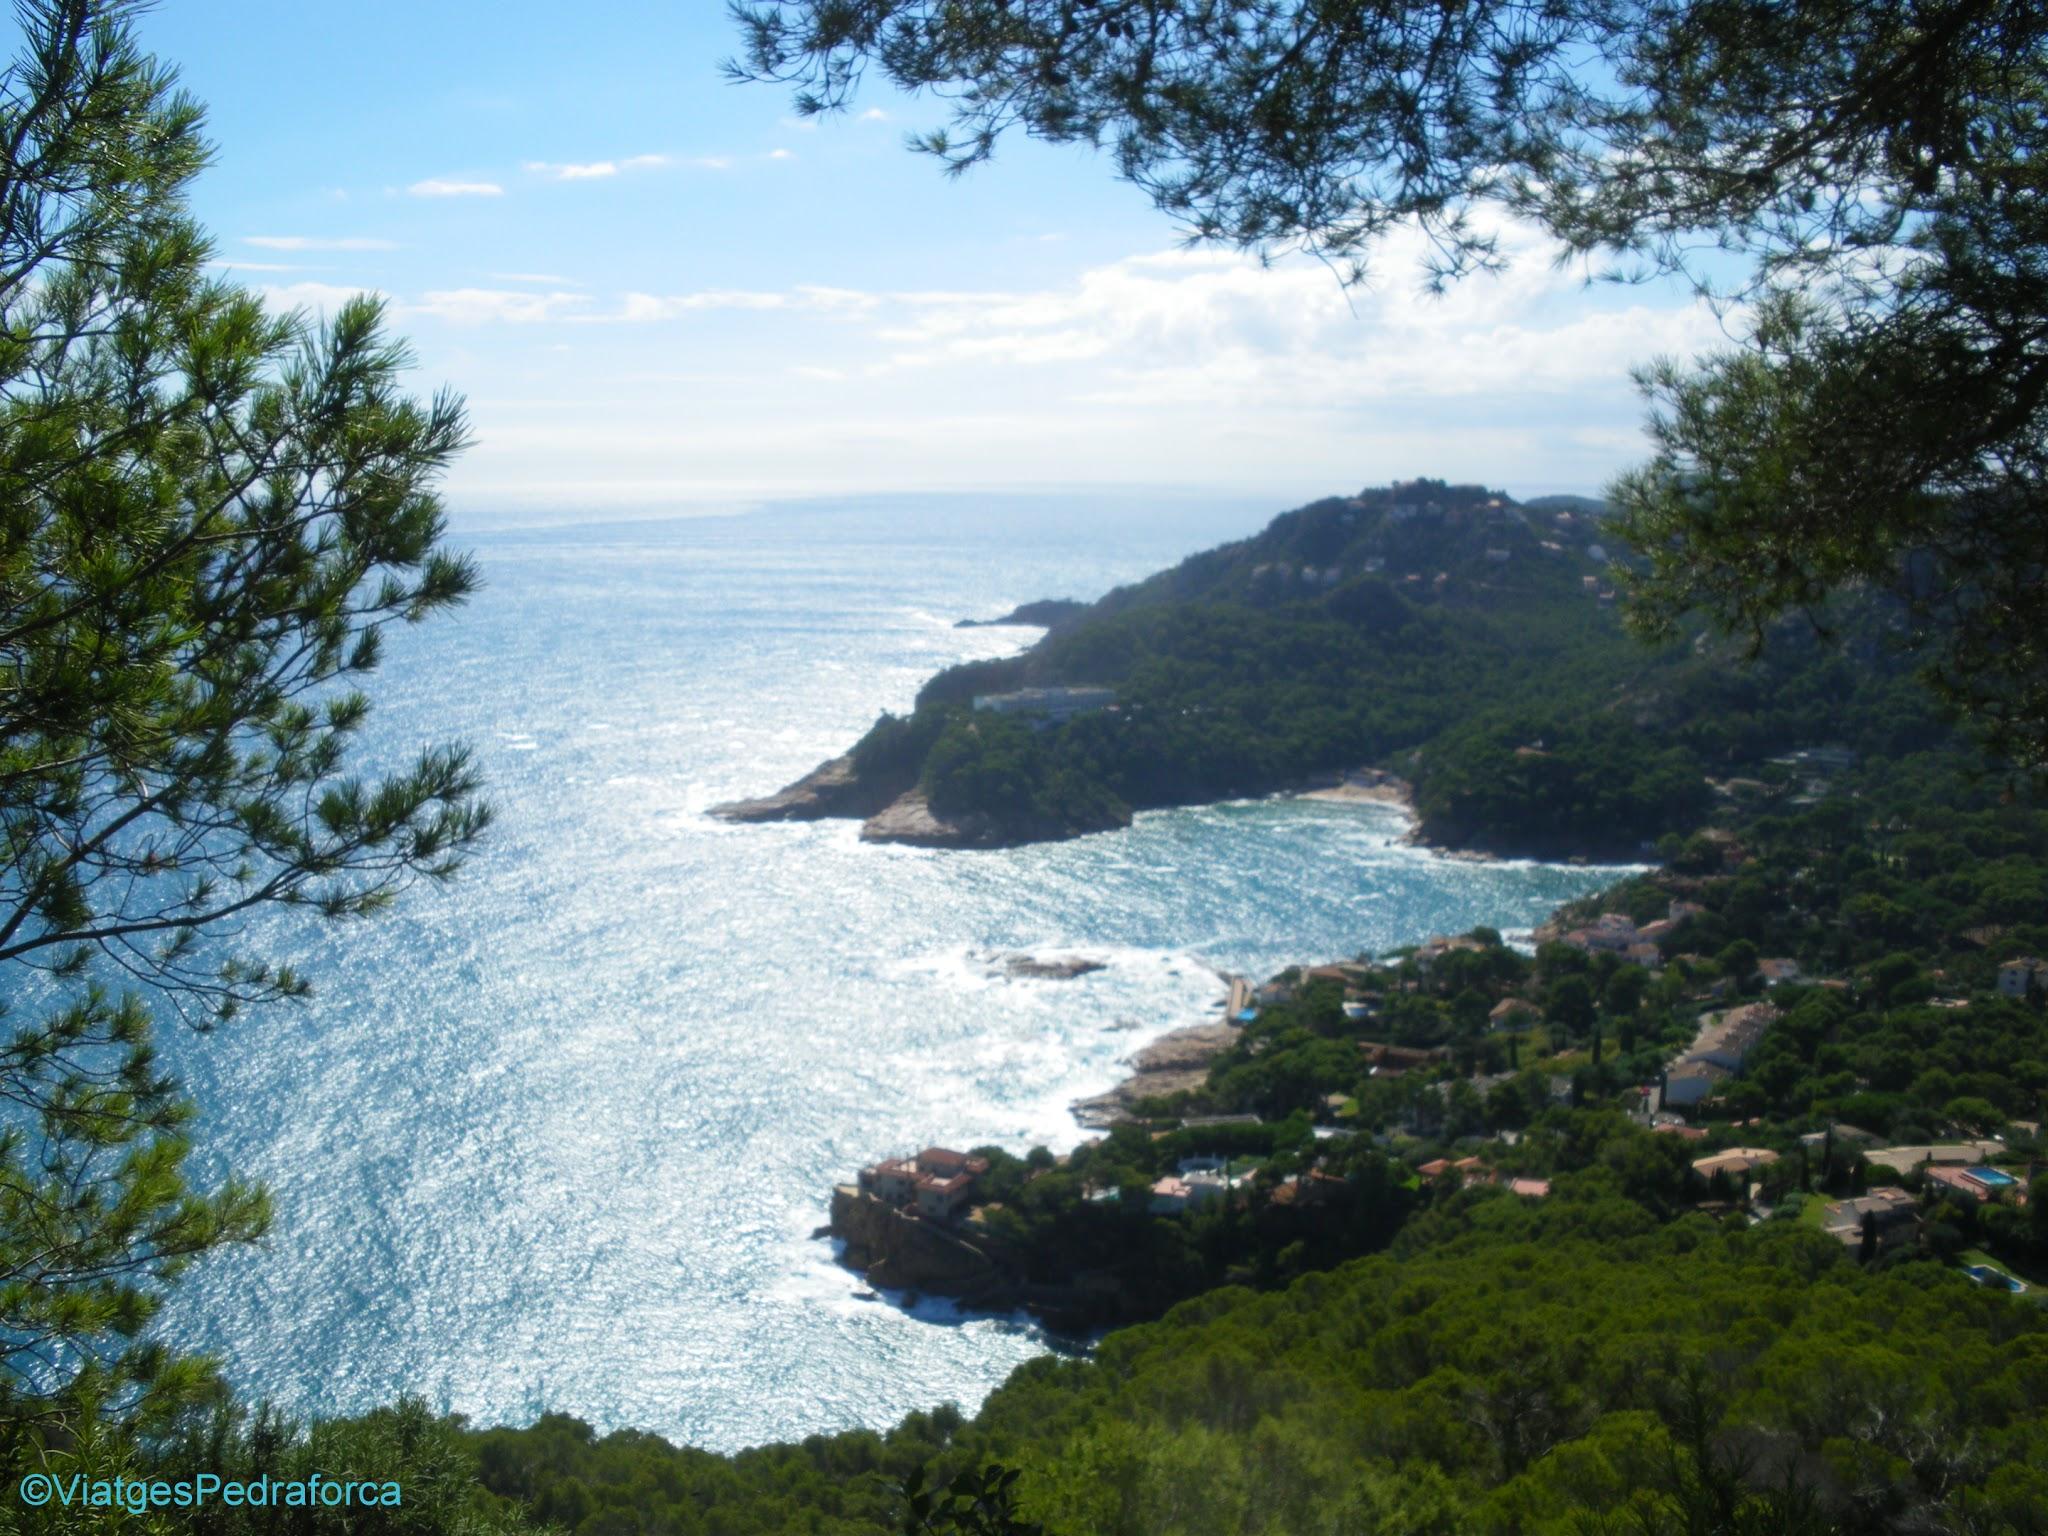 Cales de Begur, senderisme, excursions fàcils per la Costa Brava, Baix Empordà